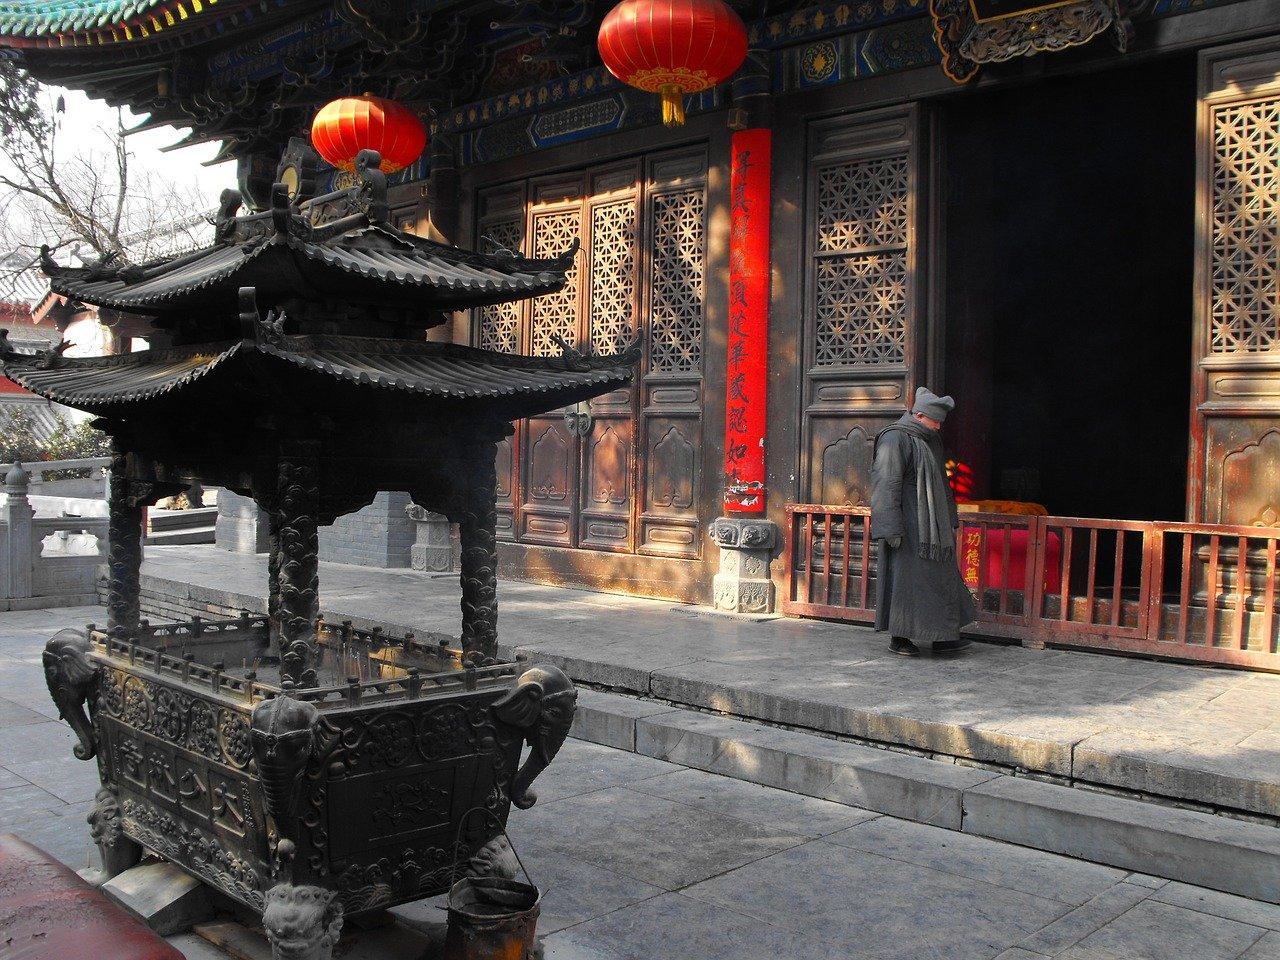 Shaolin Temple, China